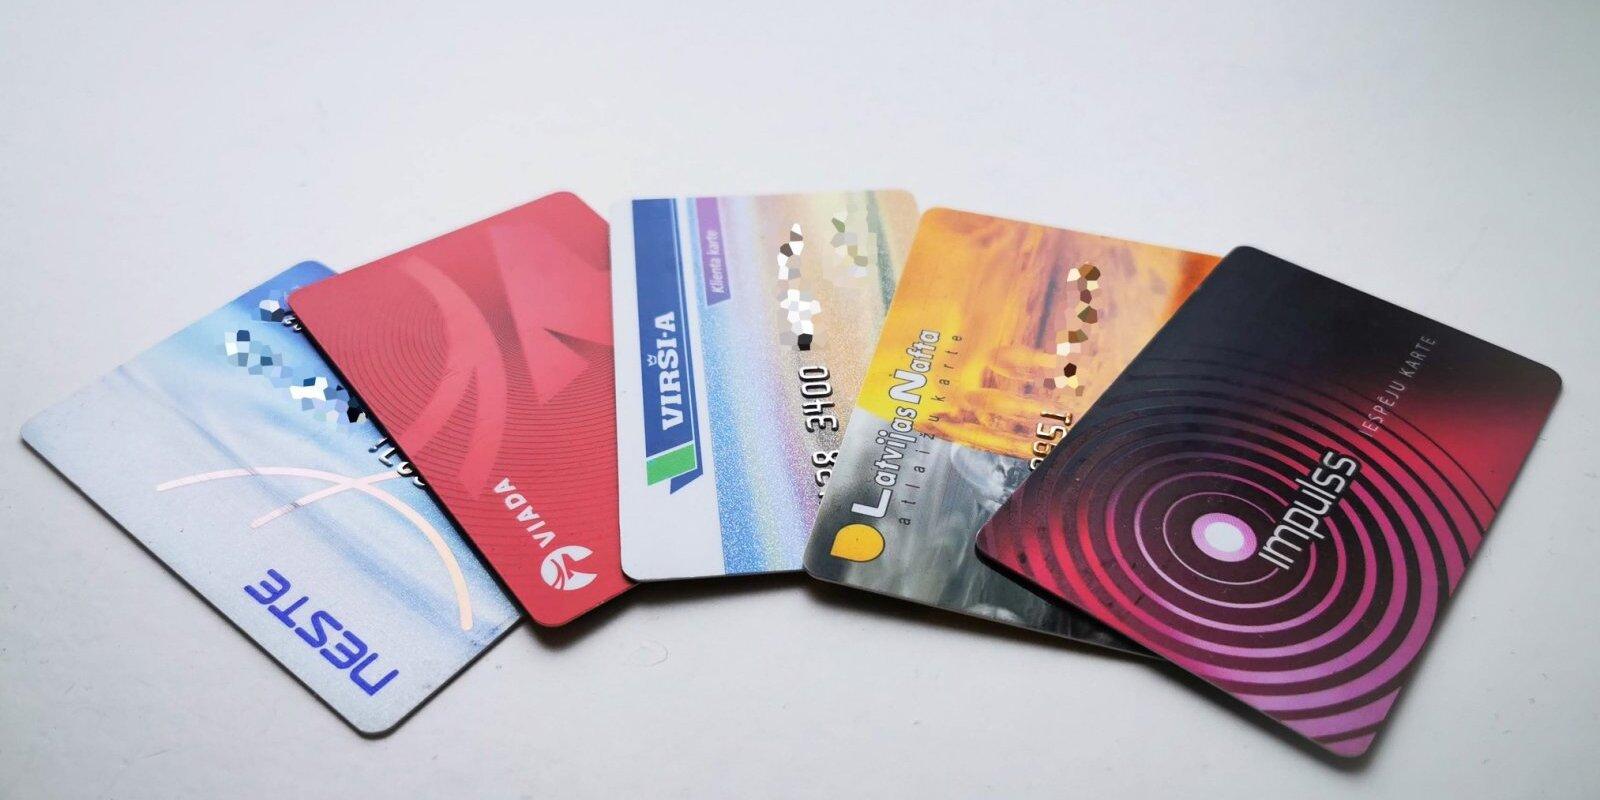 И хотдог бесплатно. Можно ли на самом деле сэкономить на бензине с помощью карточки клиента?